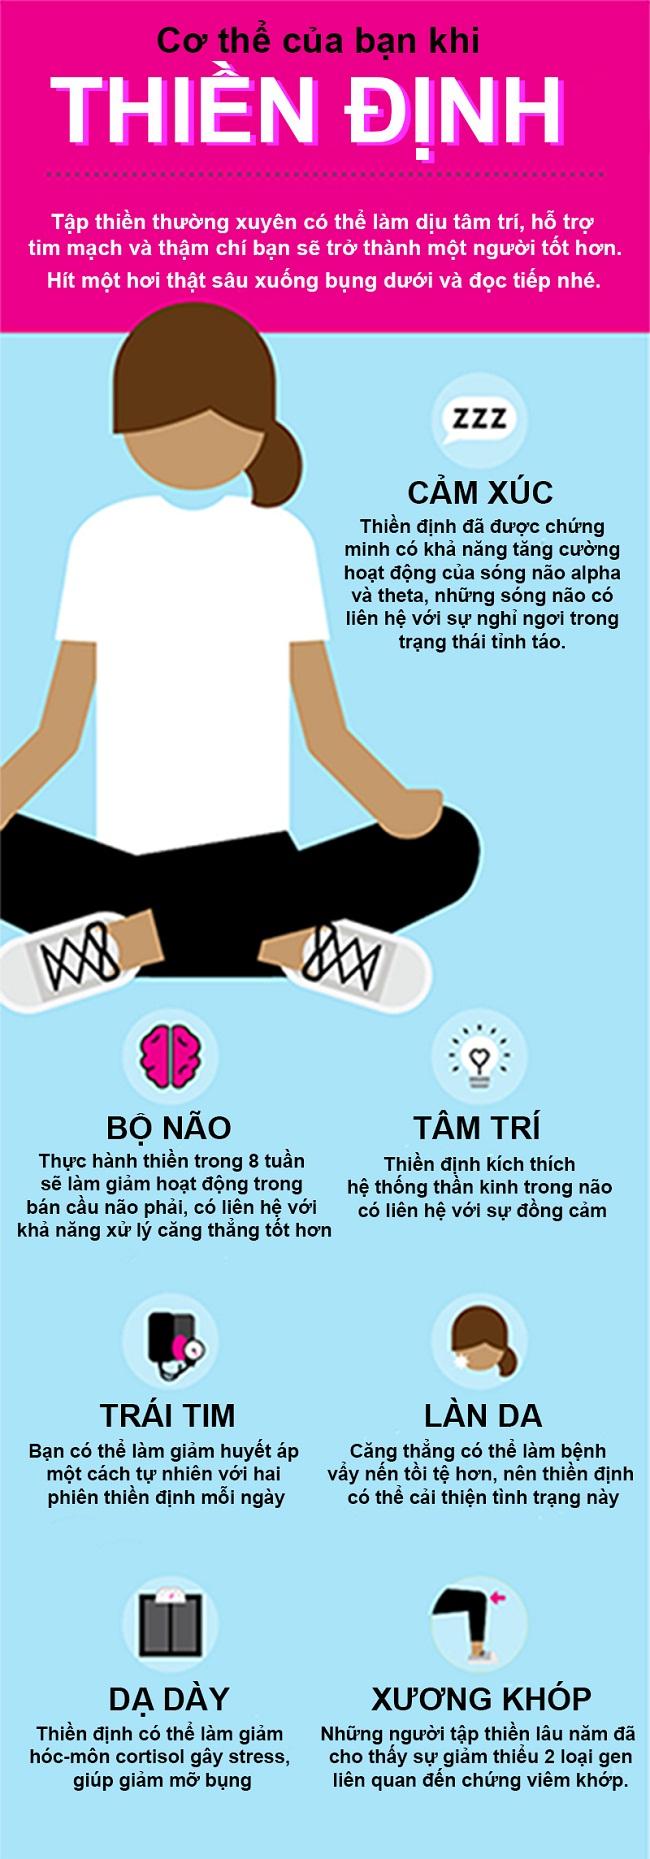 Nghiên cứu của ĐH Harvard: Thiền định tăng chất xám rõ rệt chỉ sau 8 tuần luyện tập.2